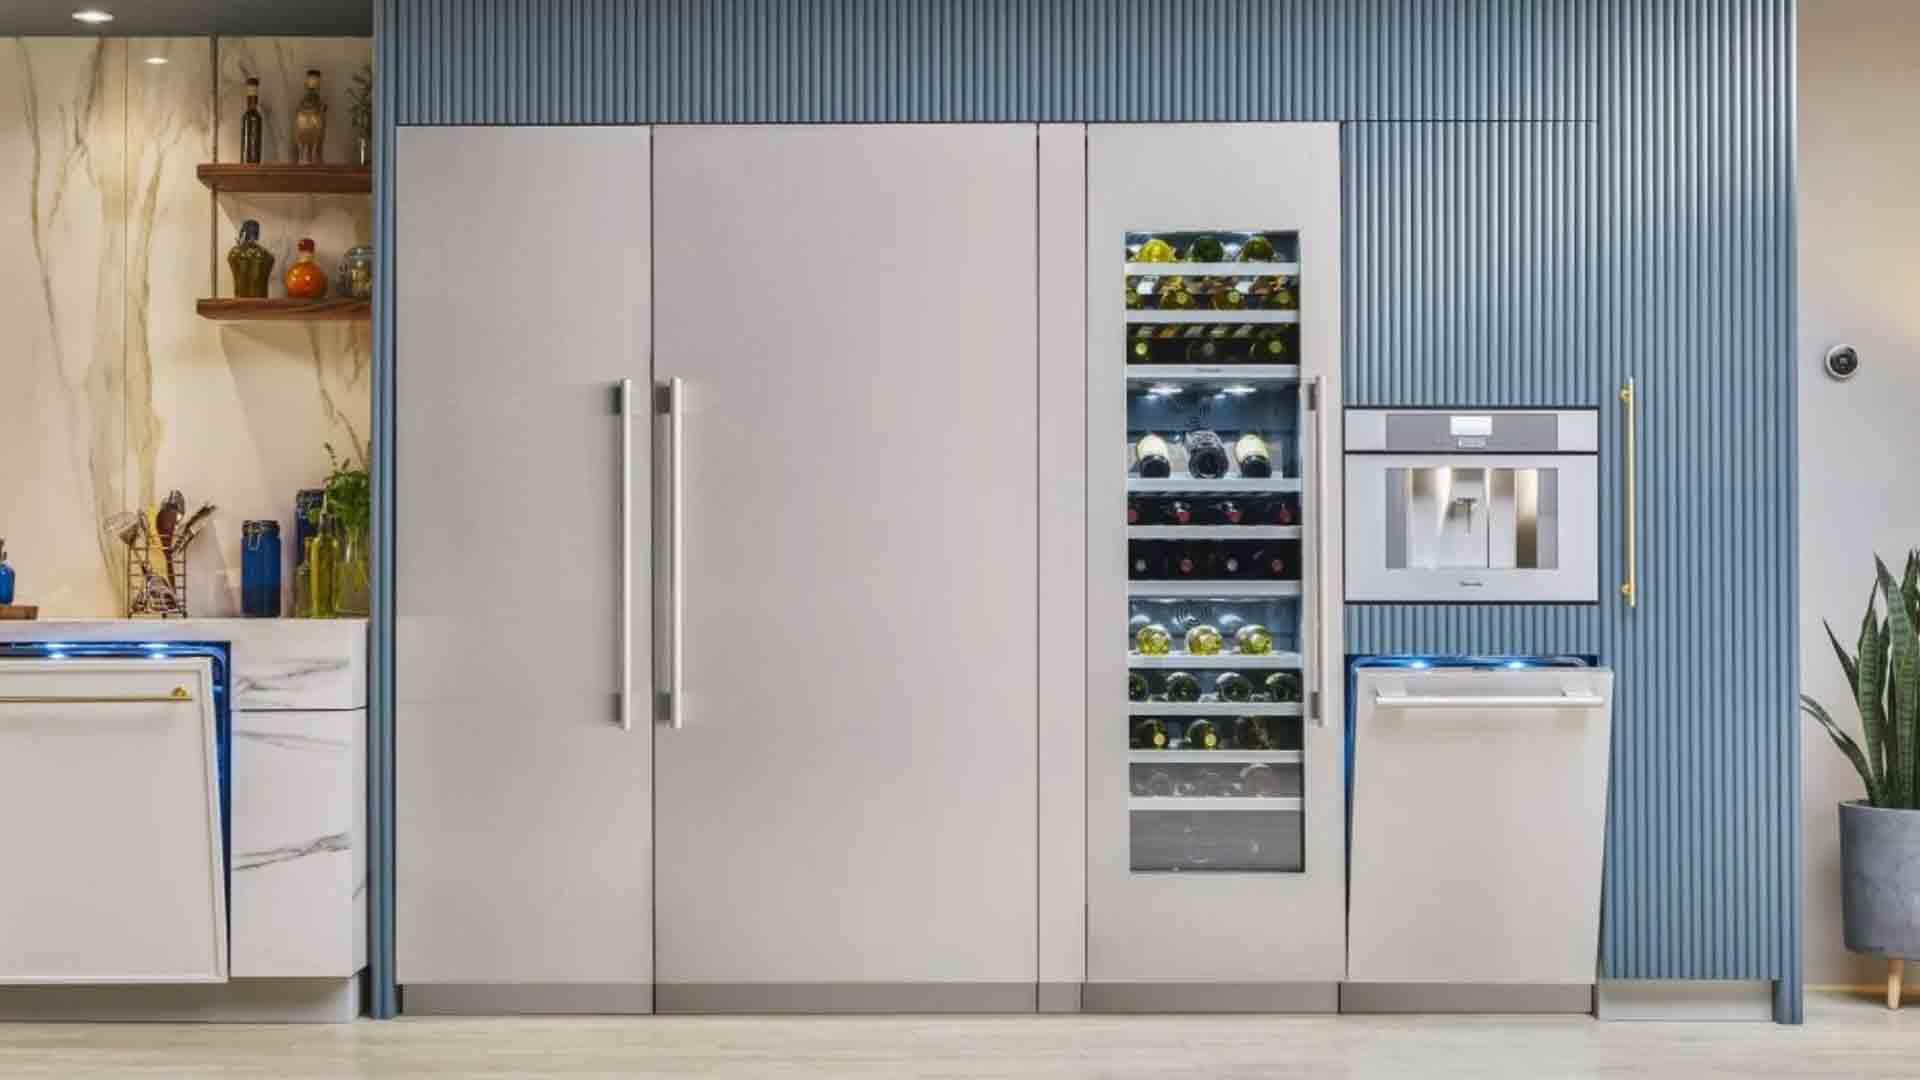 Thermador Refrigerator Columns Repair   Thermador Appliance Repair Pros